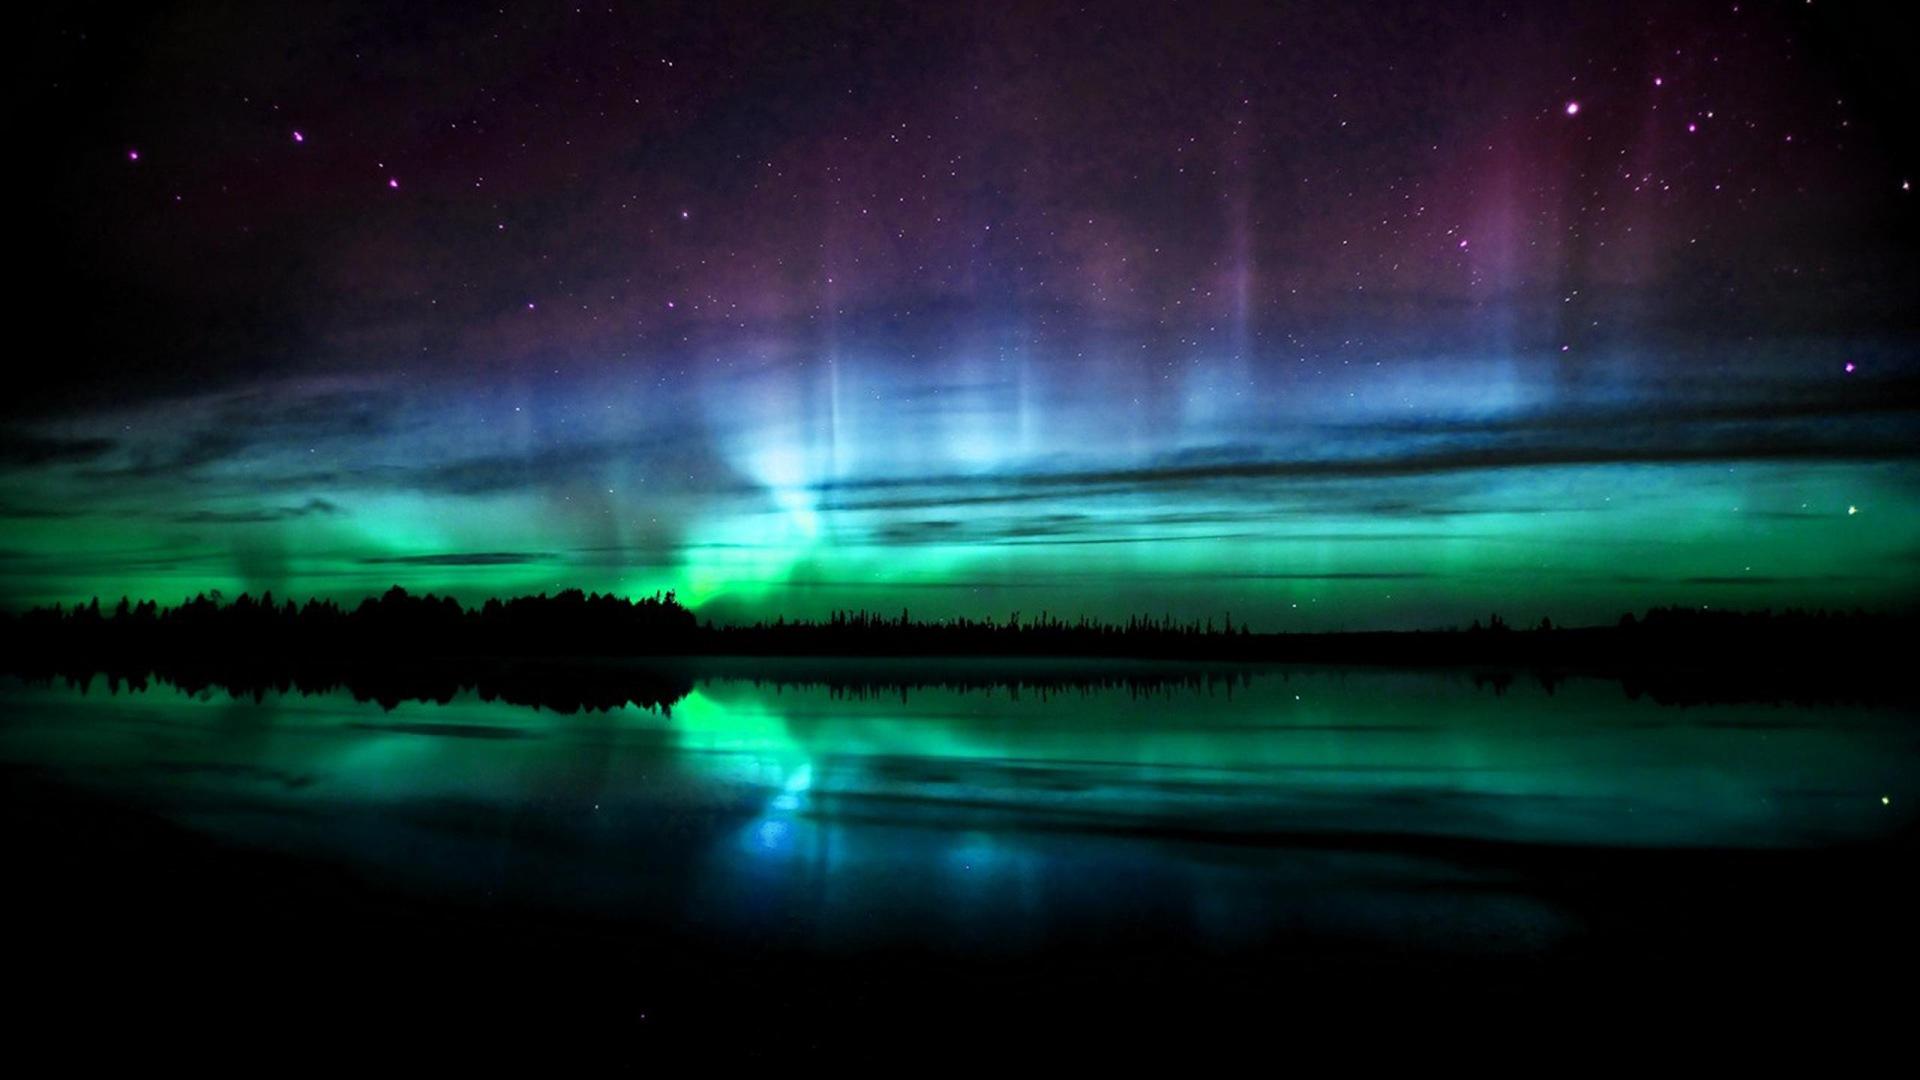 ... Northern Lights Over Alskan Winter Lscape HD Desktop Background